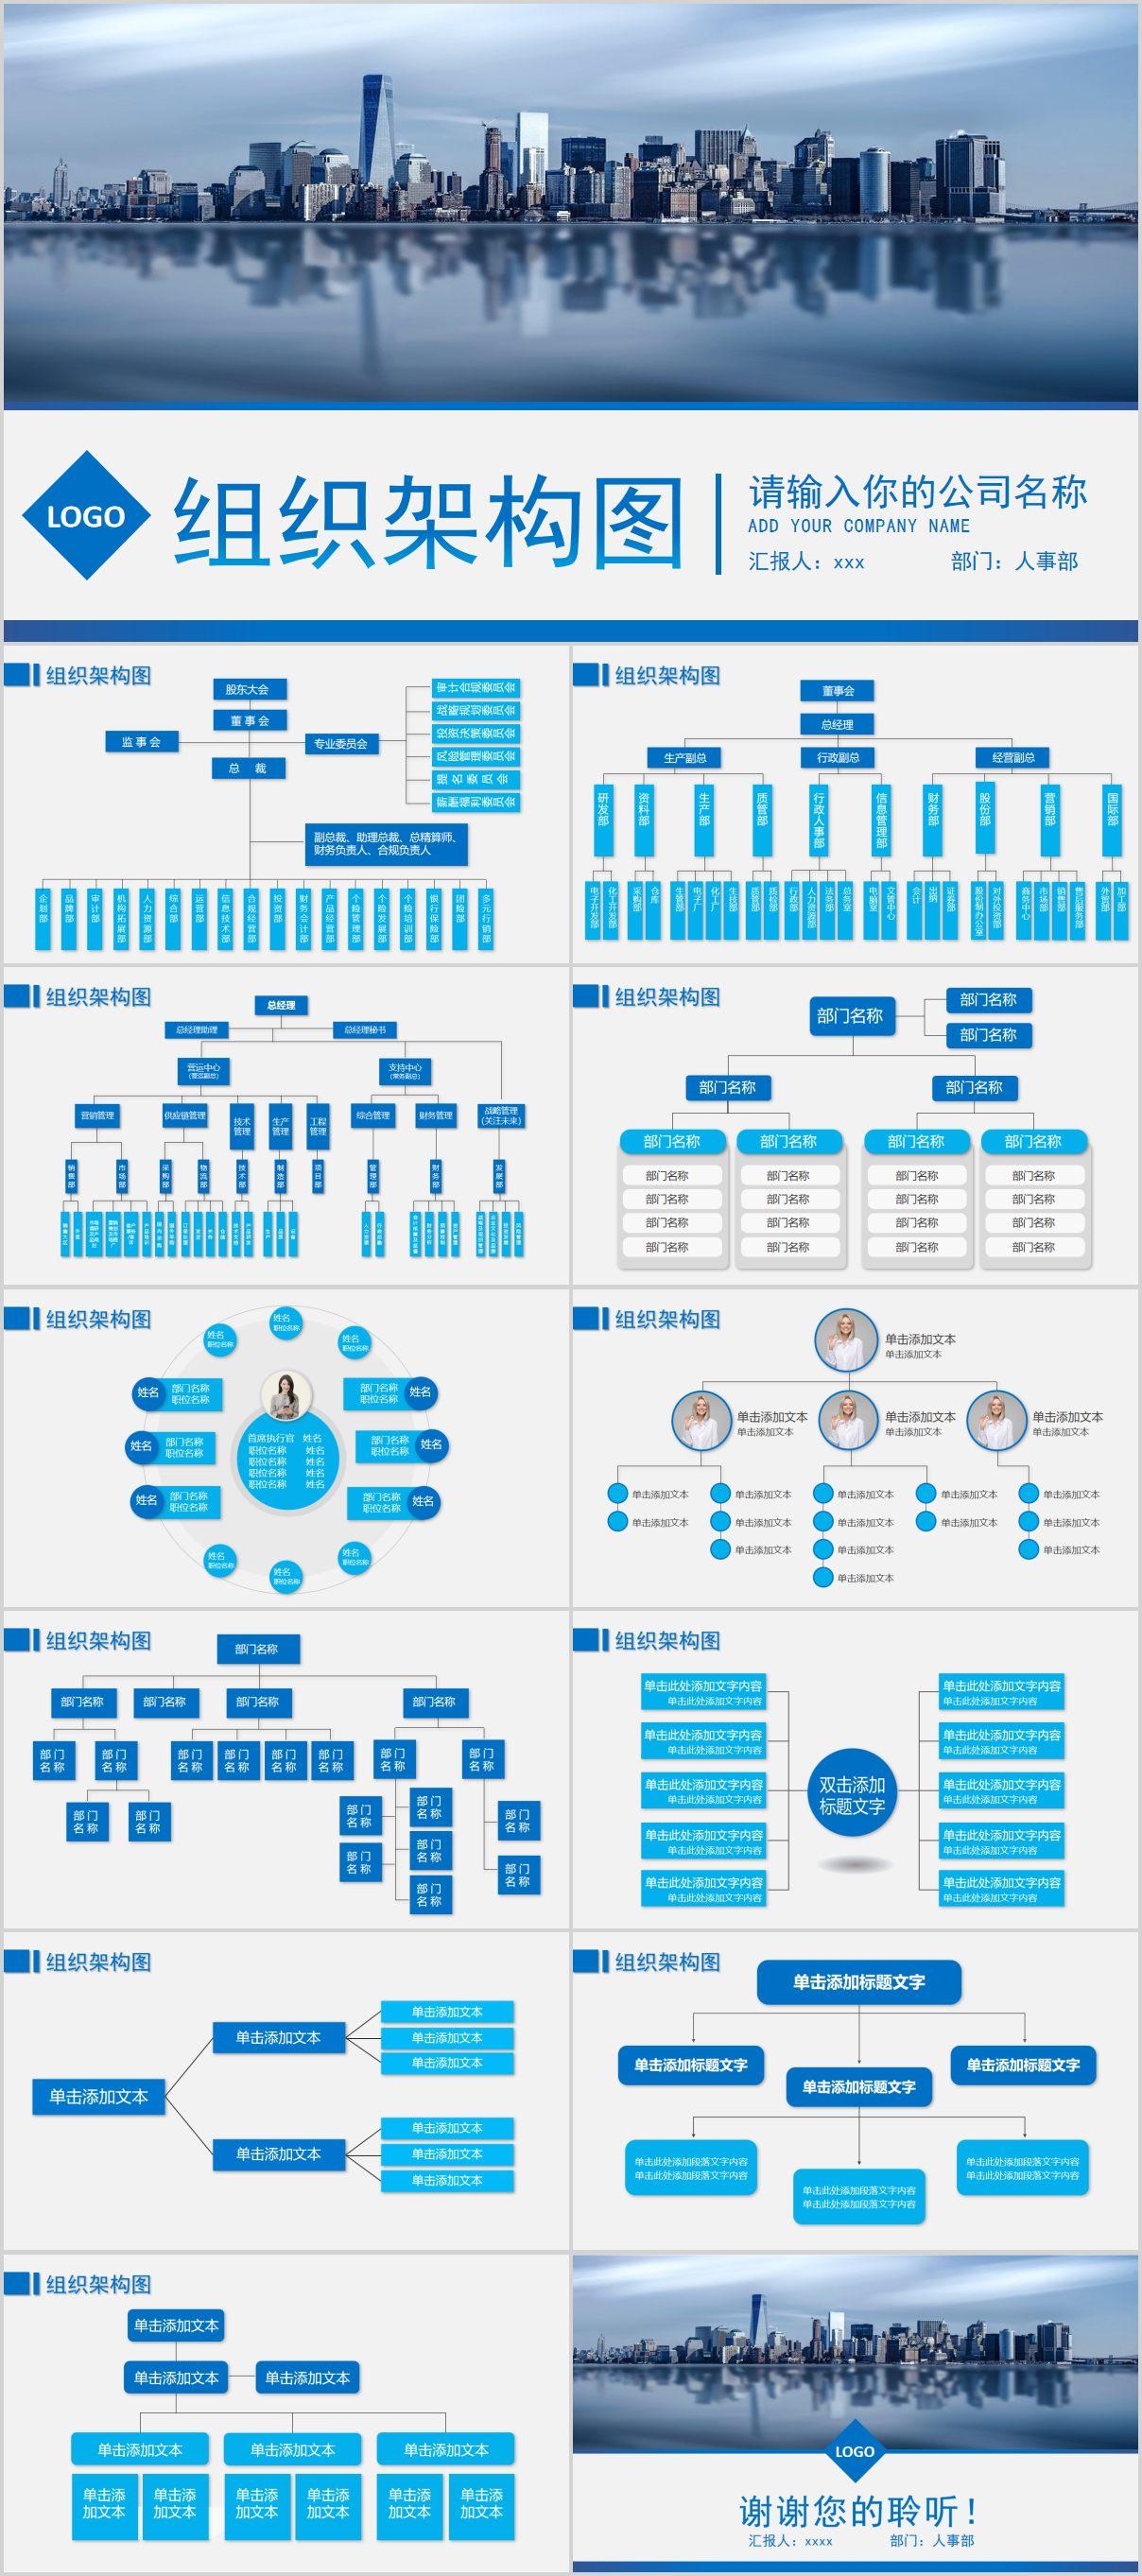 企业组织架构图PPT模板商业公司制定人事管理